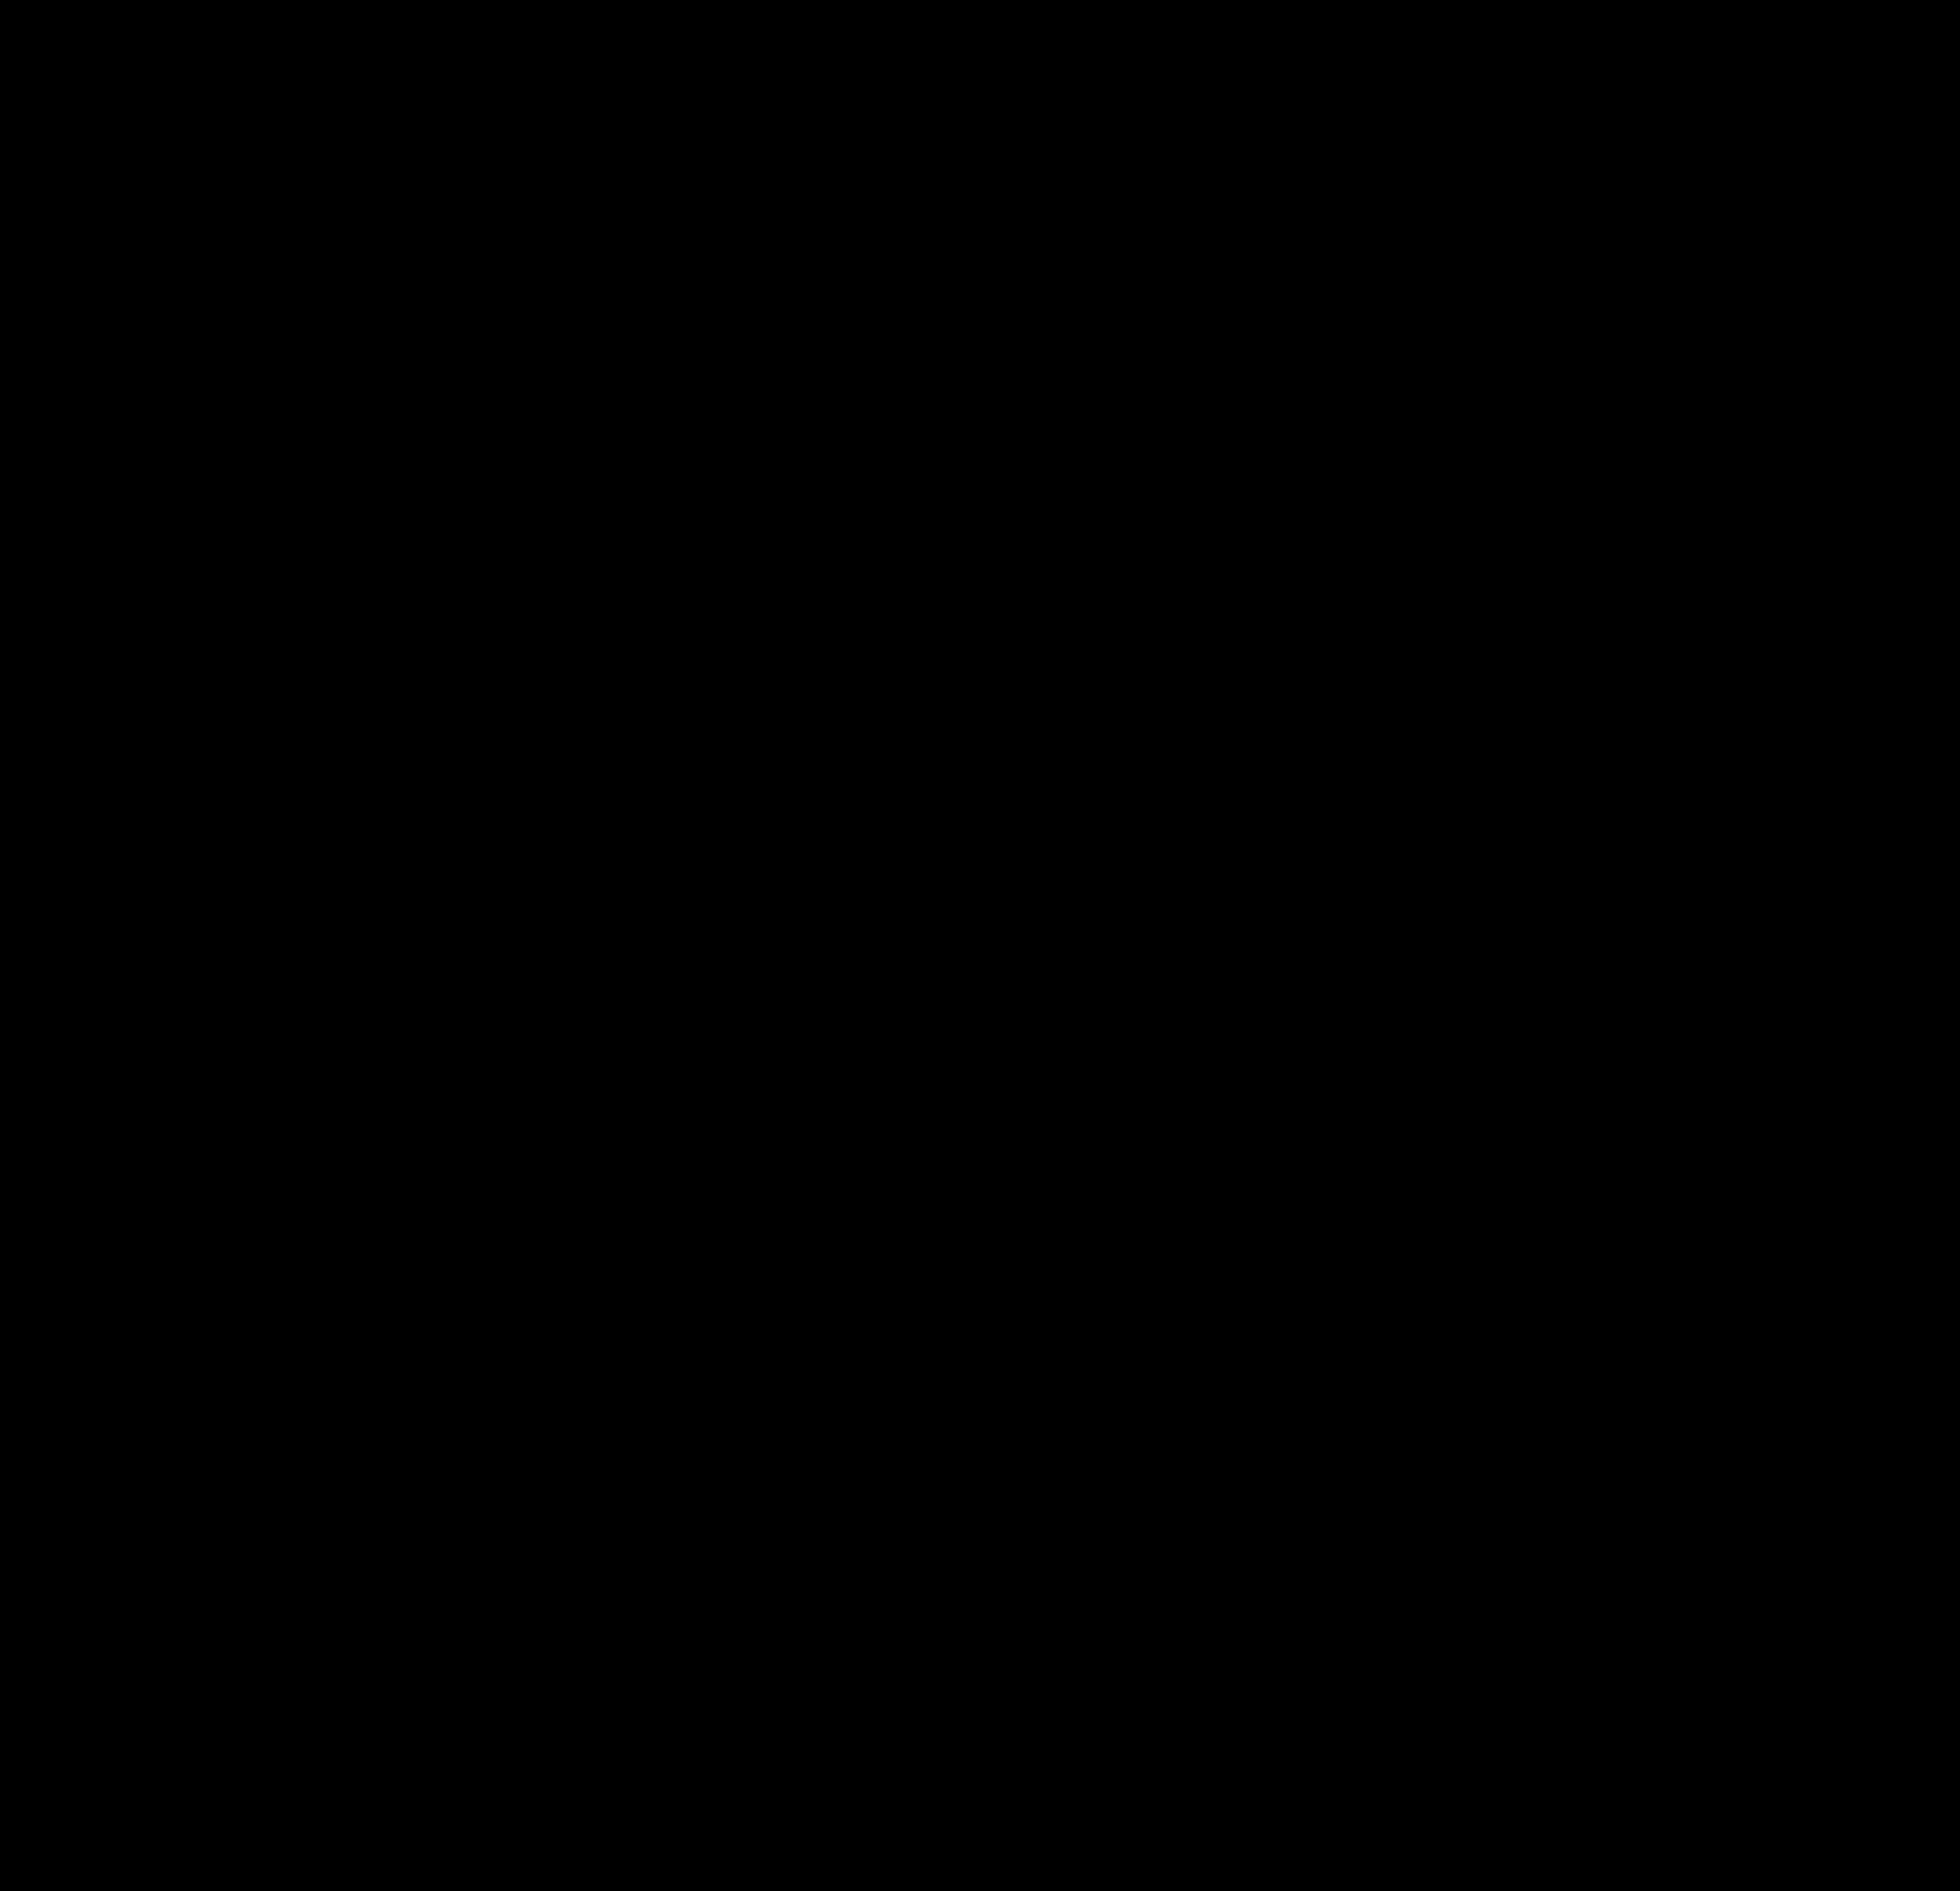 Пульт ДУ ASL02 к ASL1524LD-10A - фото